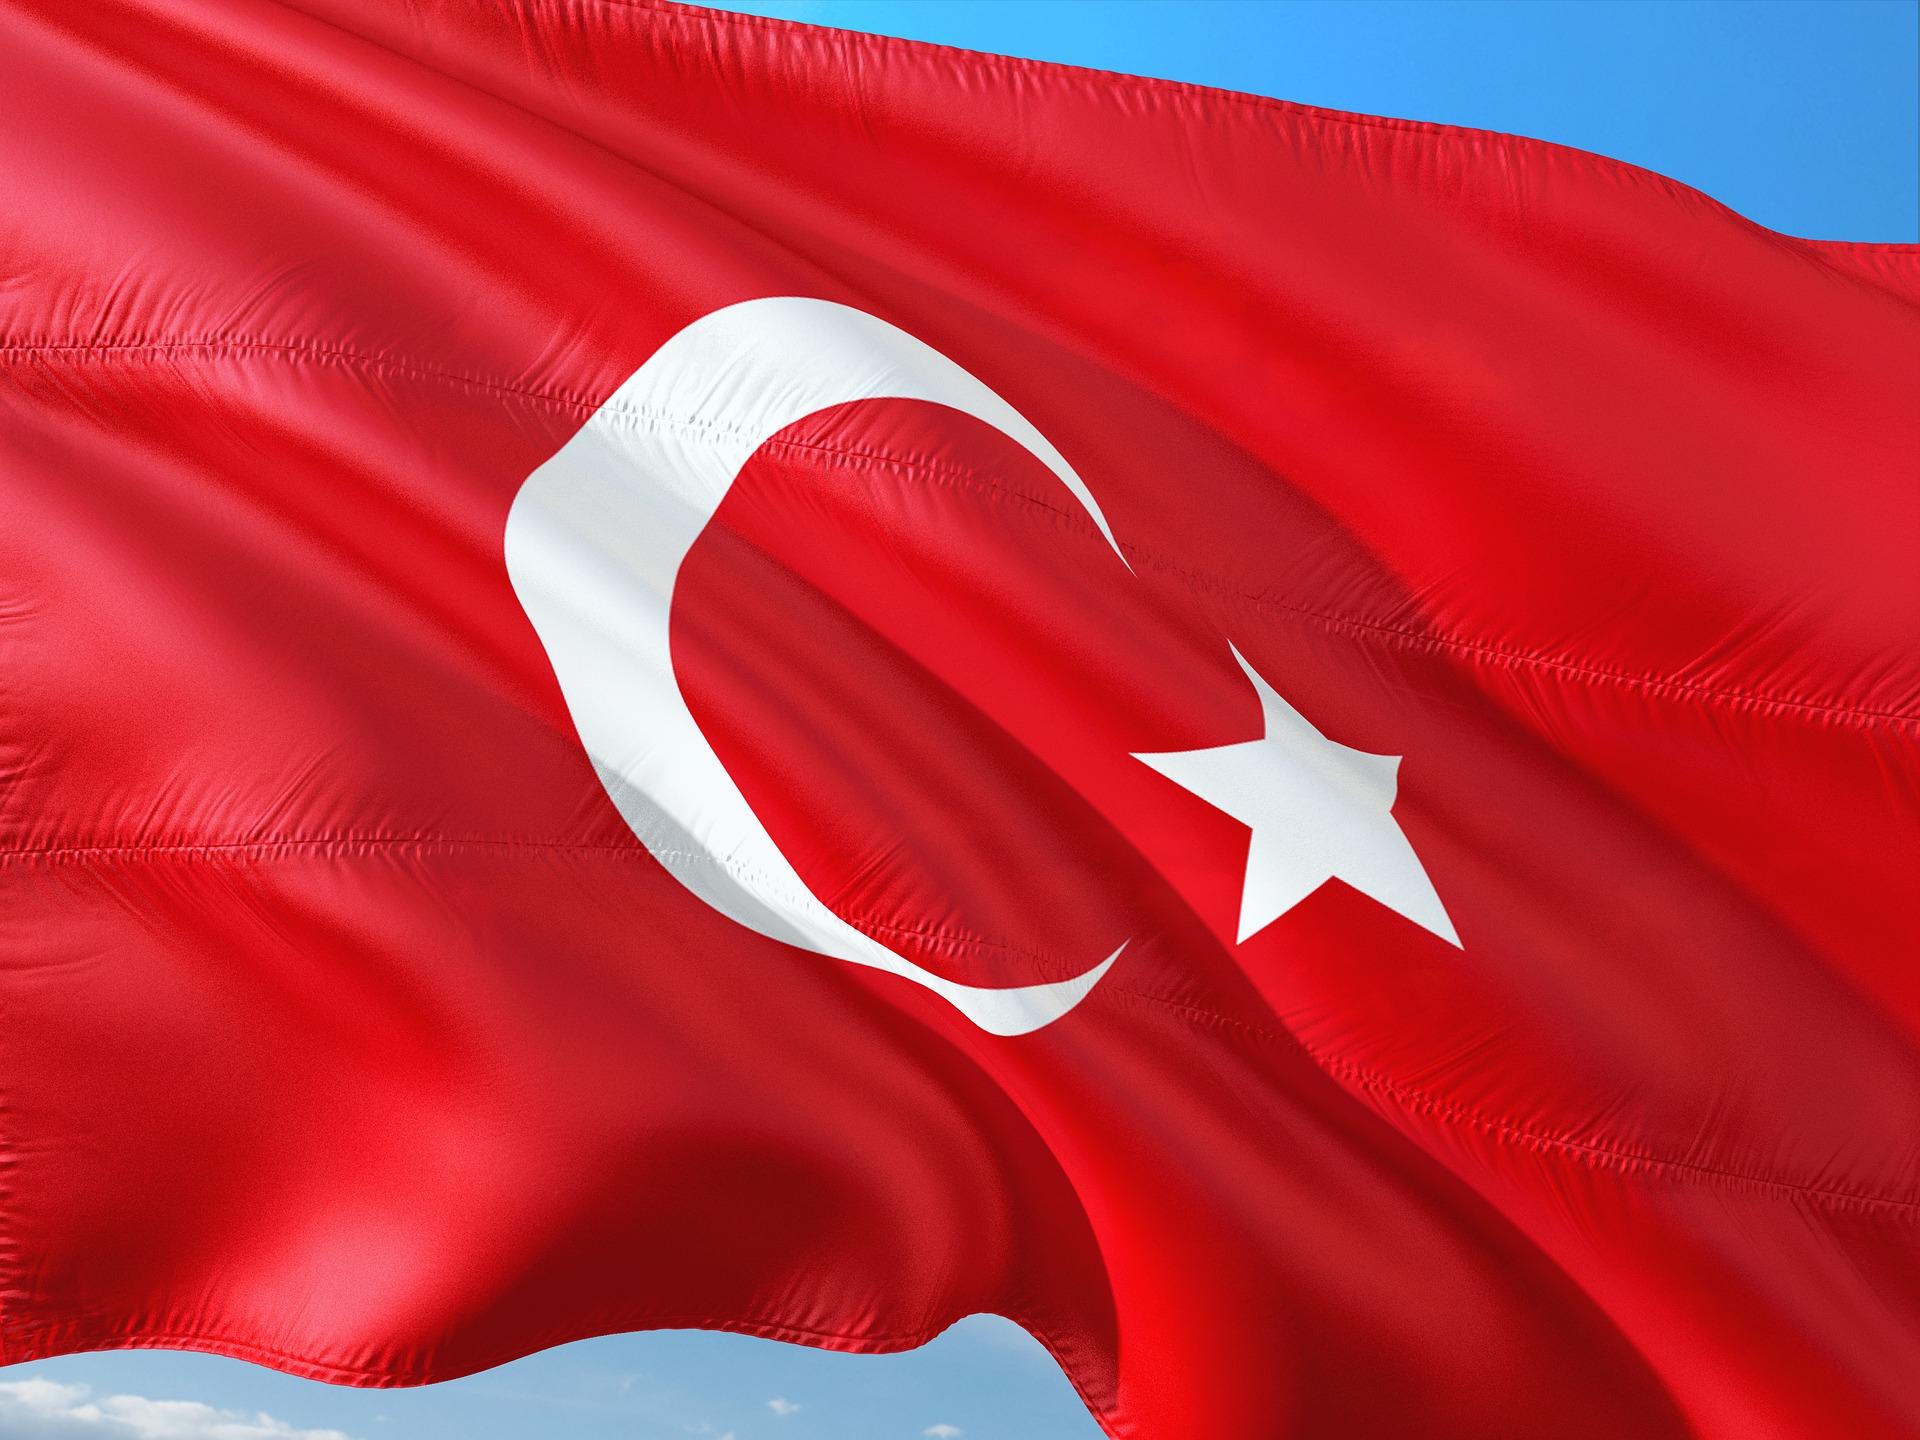 Угода про ЗВТ дозволить вдвічі збільшити товарообіг між Україною й Туреччиною — посол